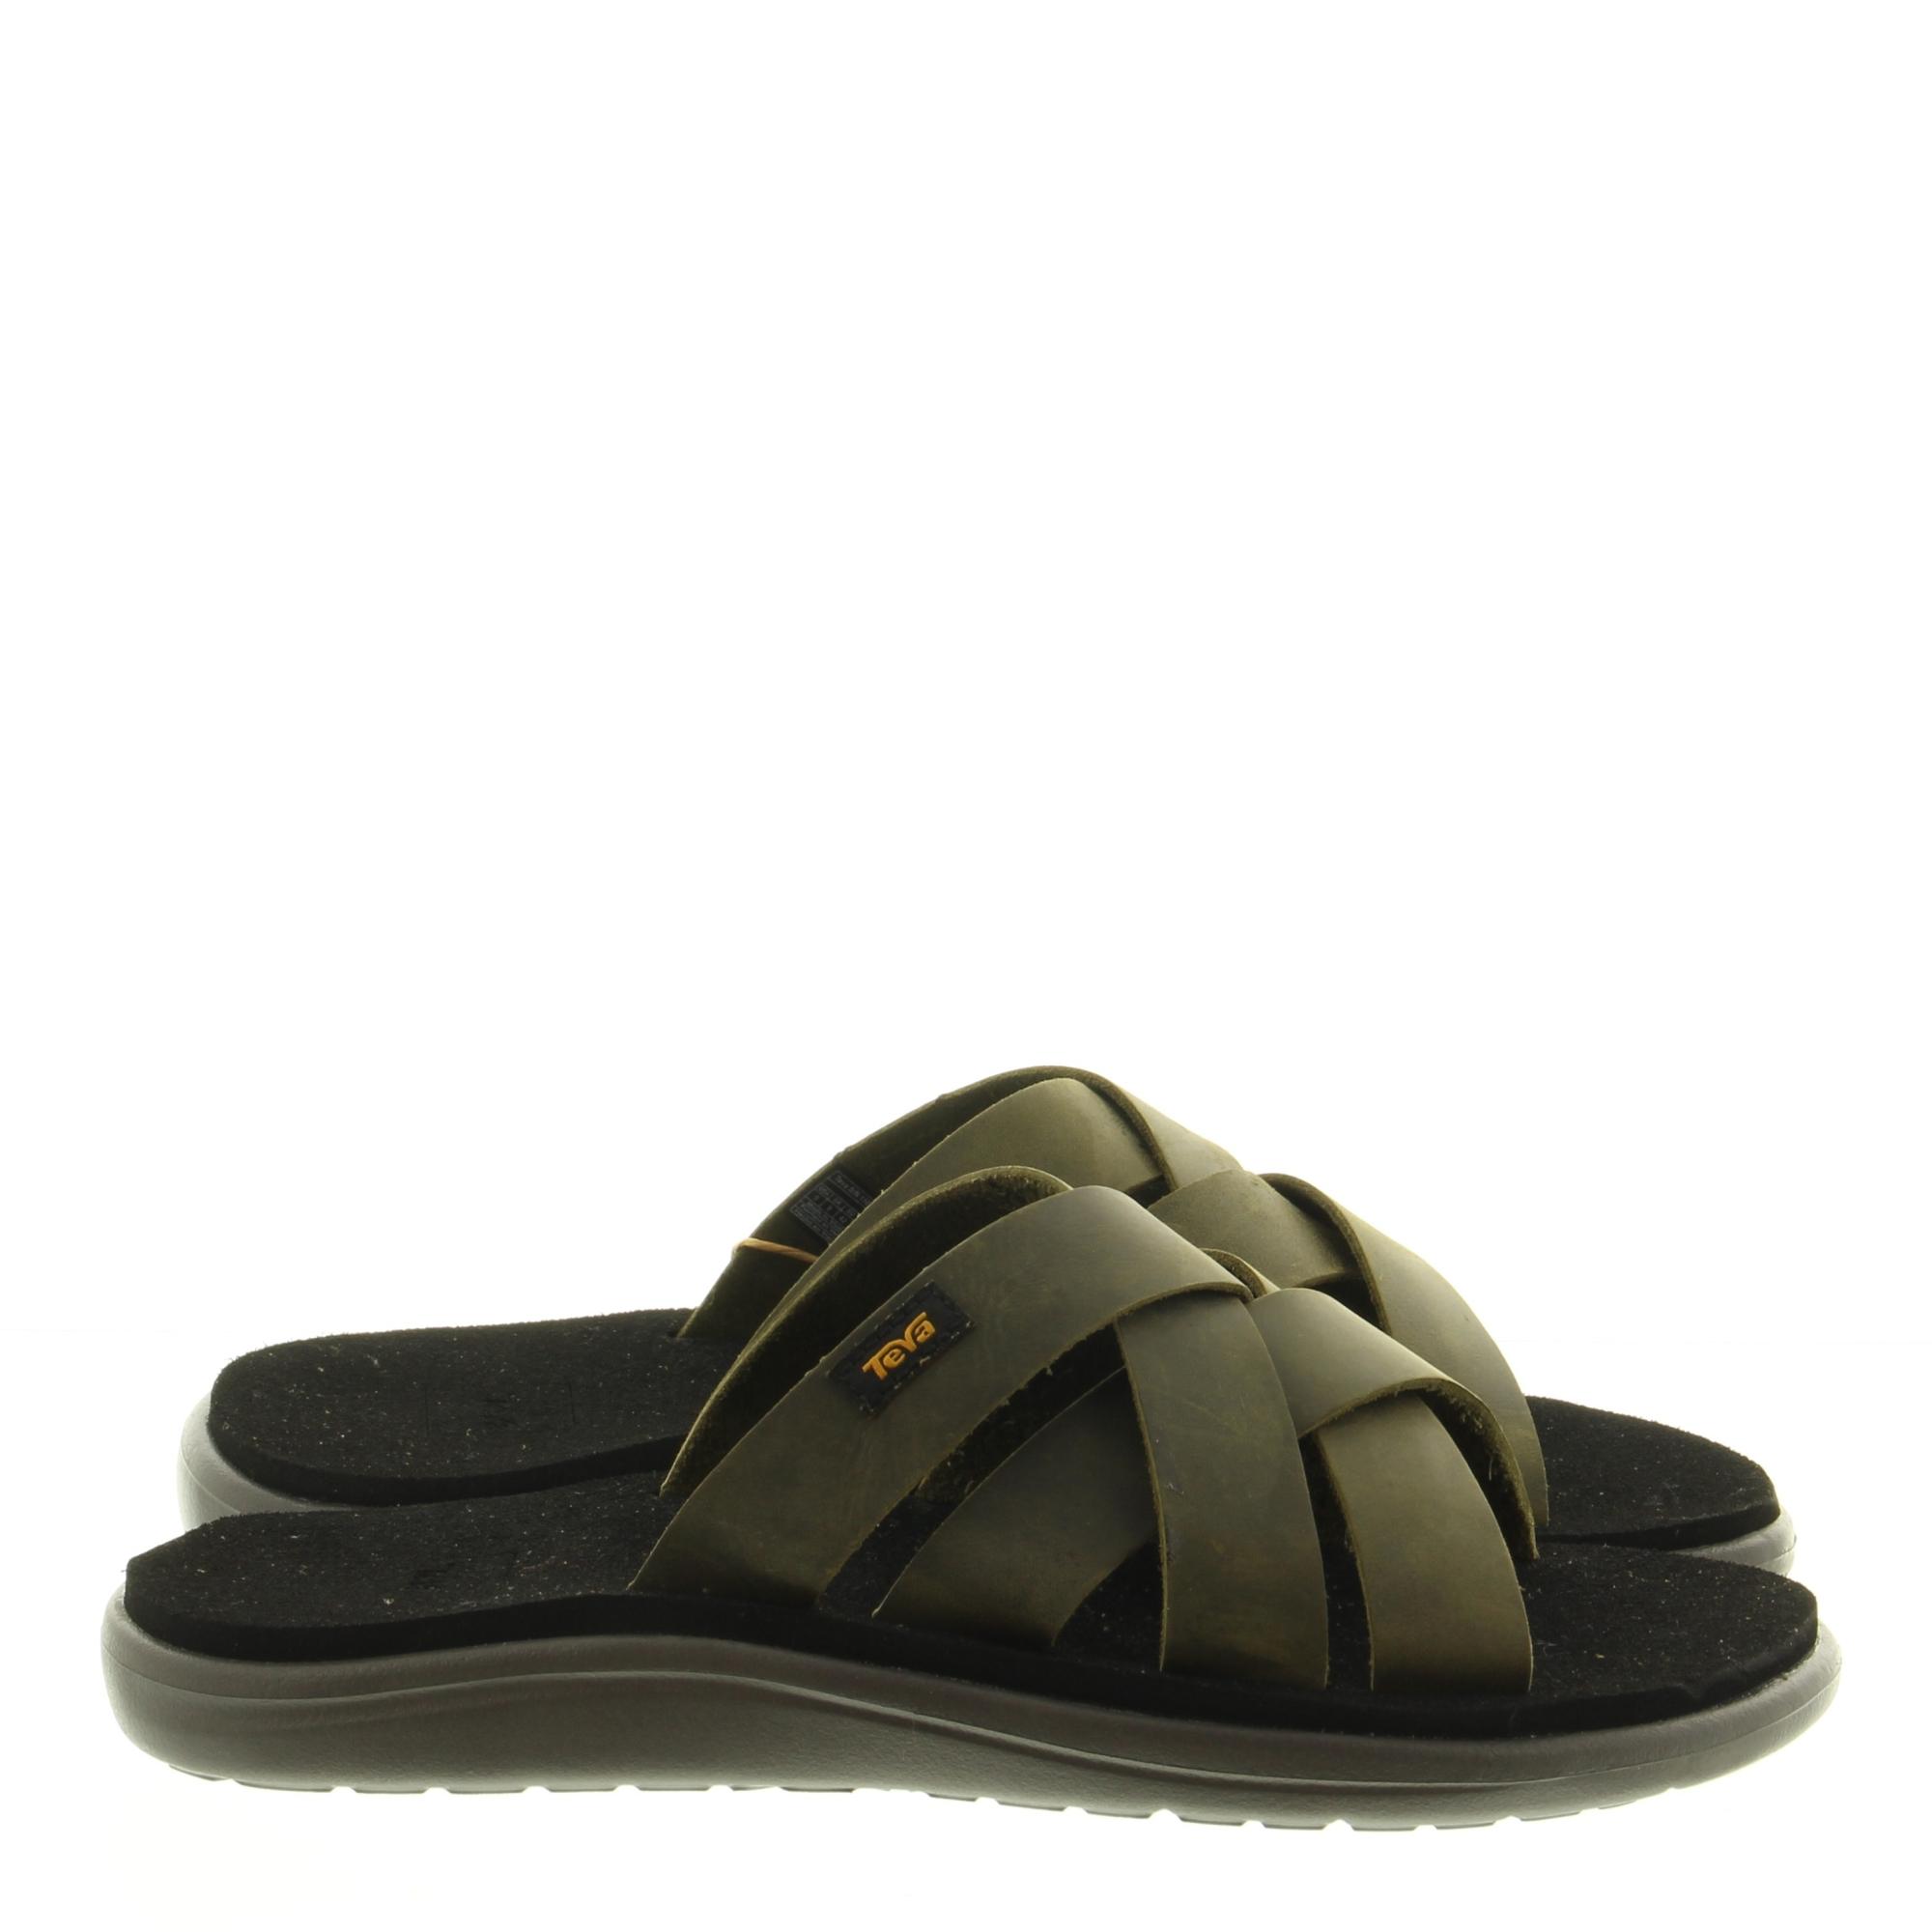 Teva 1102515 Voya Slide Leather DOL Dark Olive